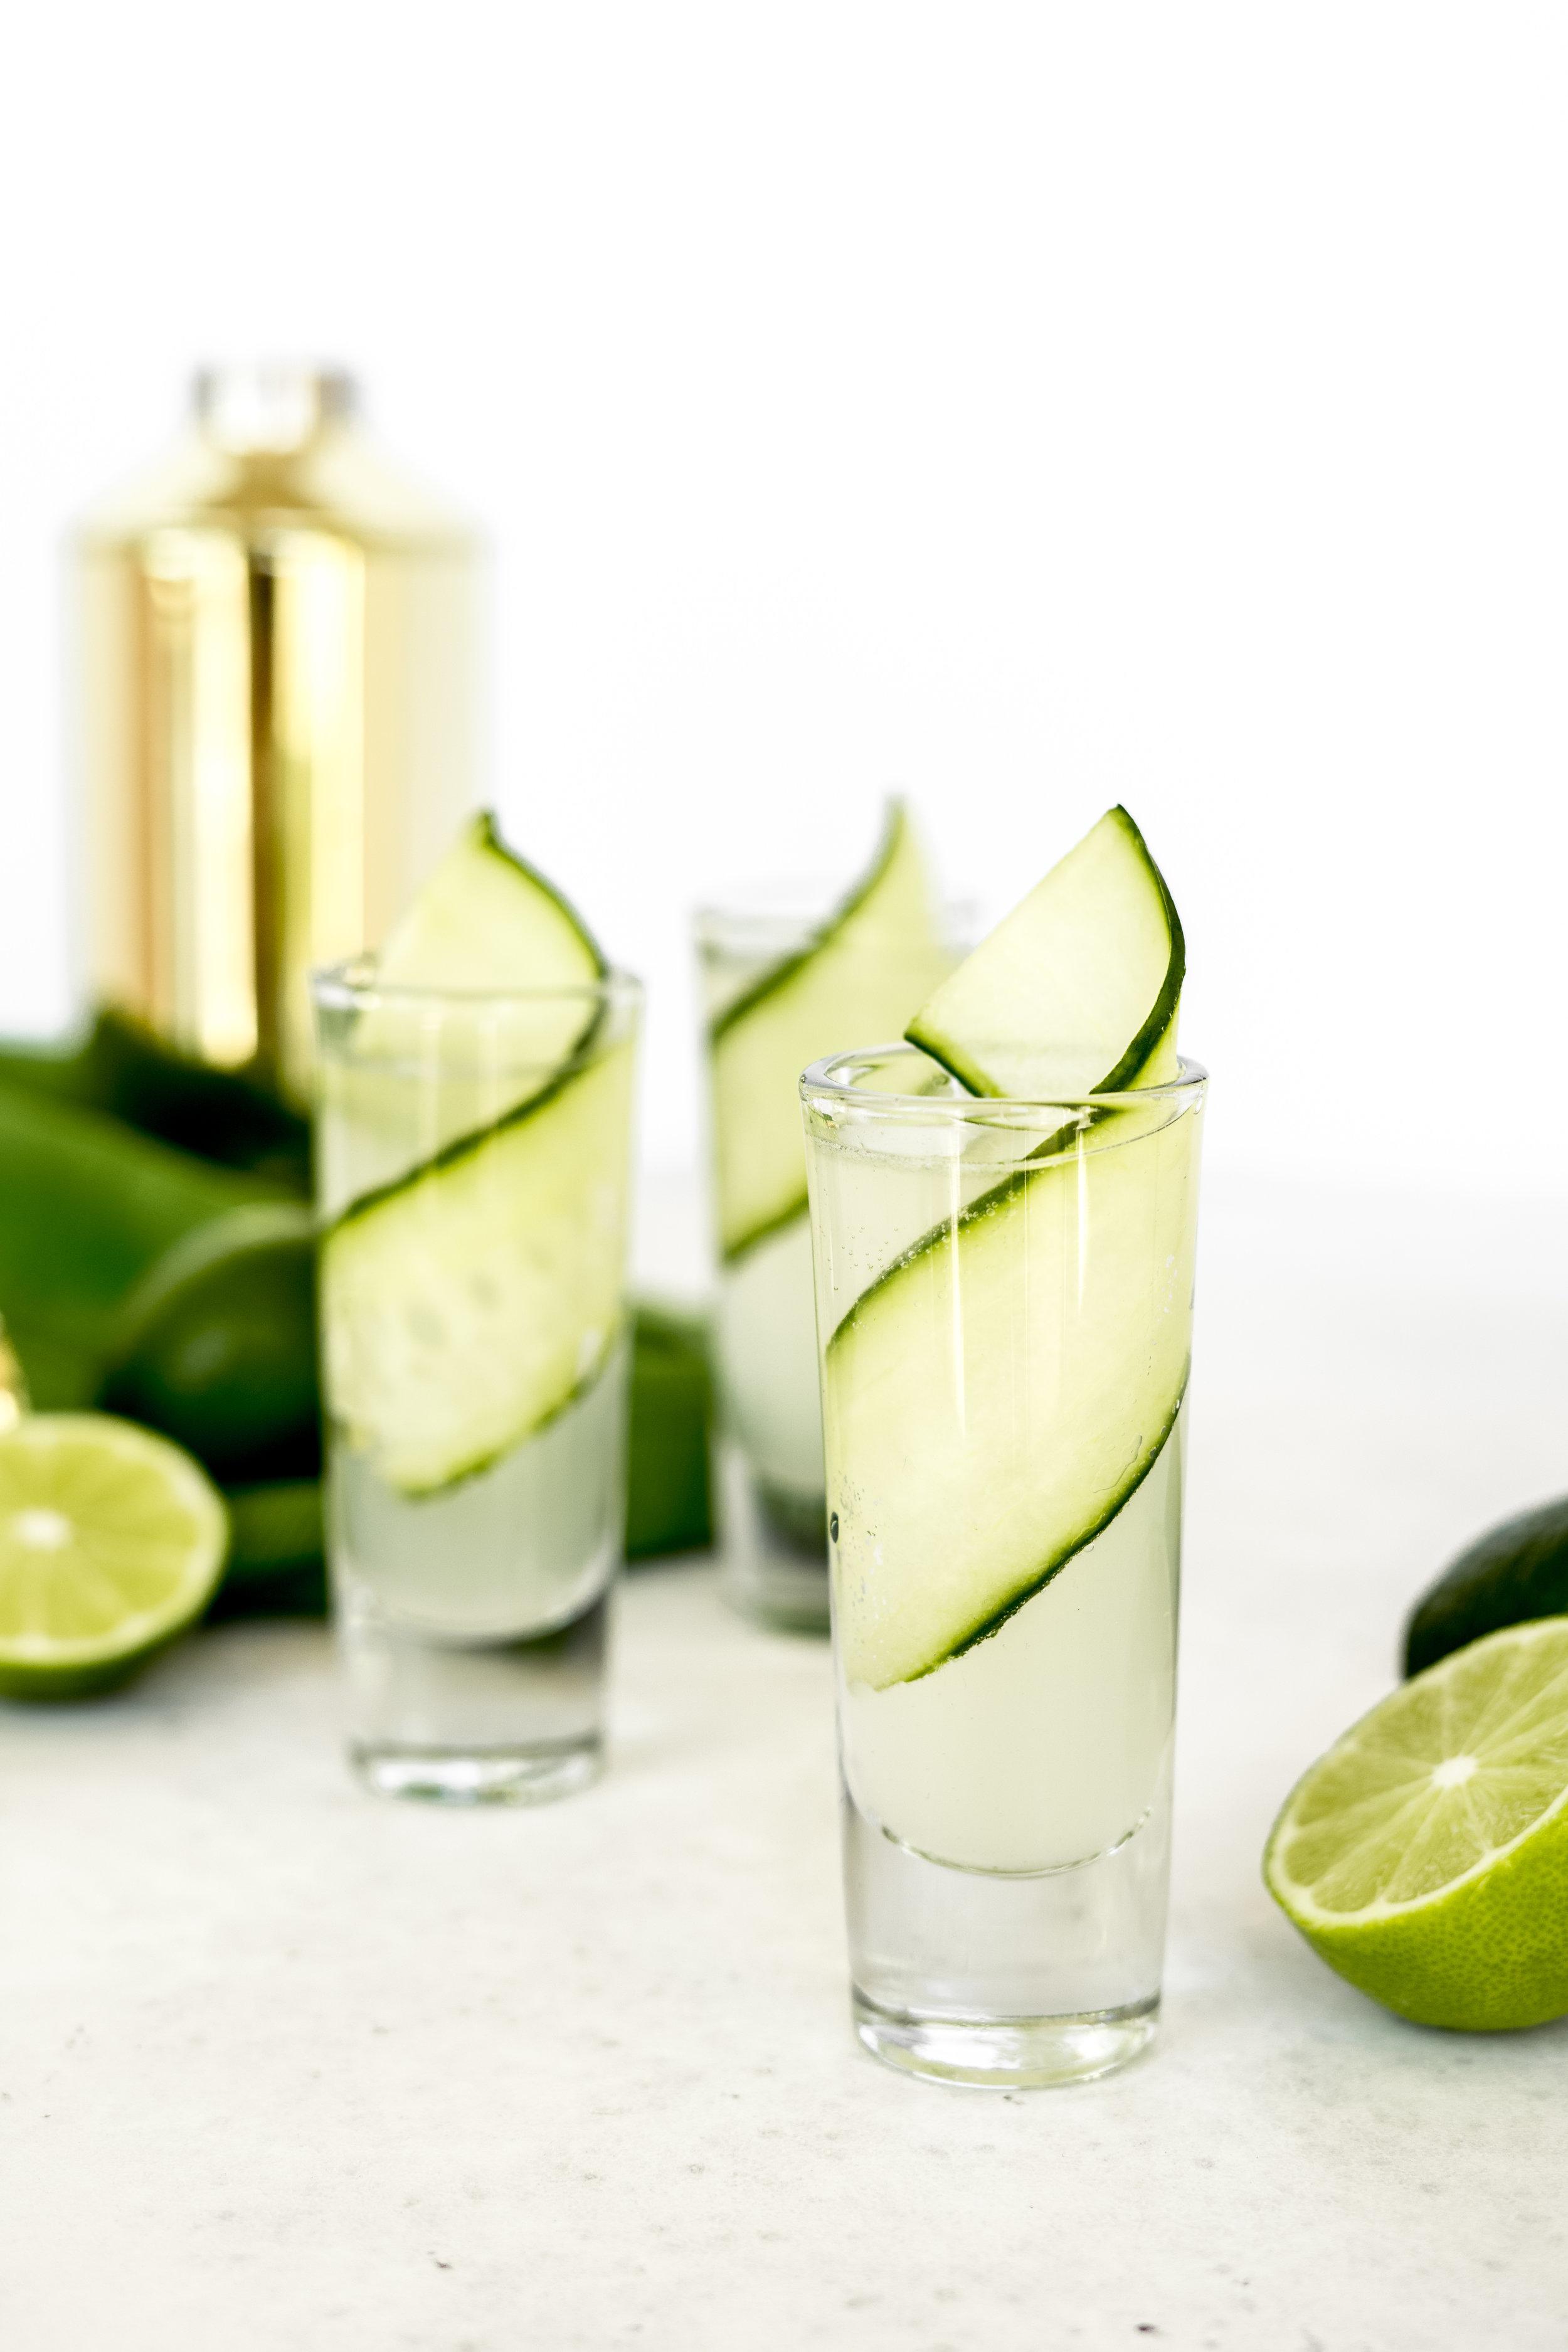 Cucumber Gin Shots